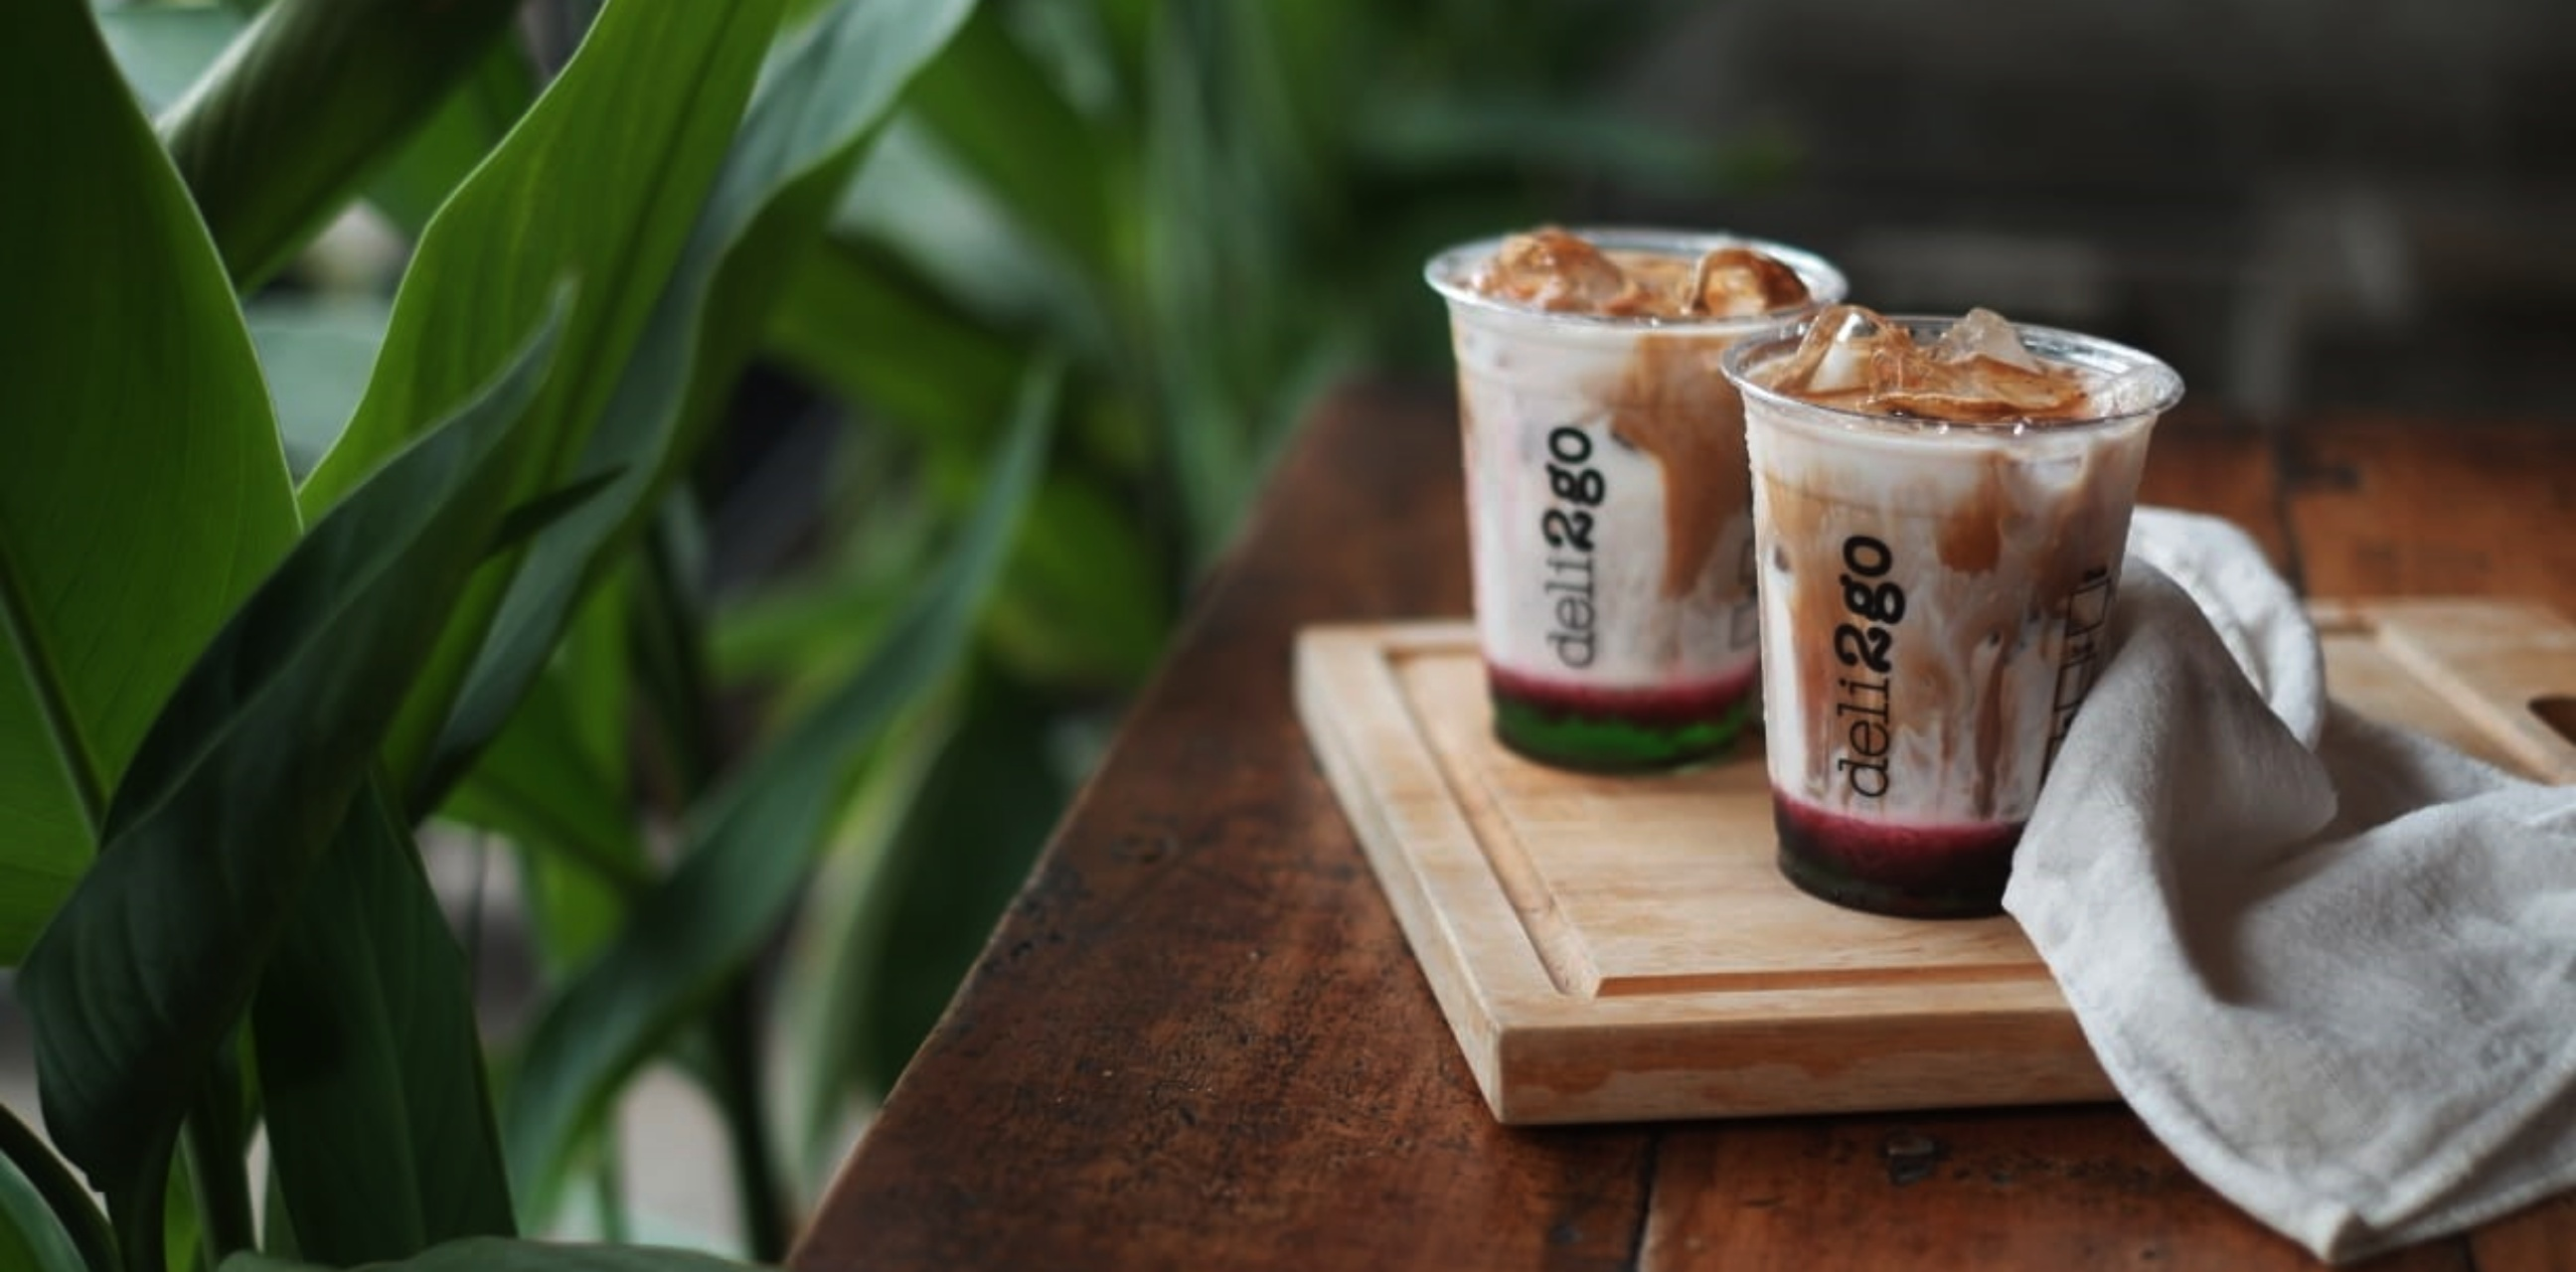 Sekarang kamu bisa menikmati kopi asli Indonesia di SPBU lho